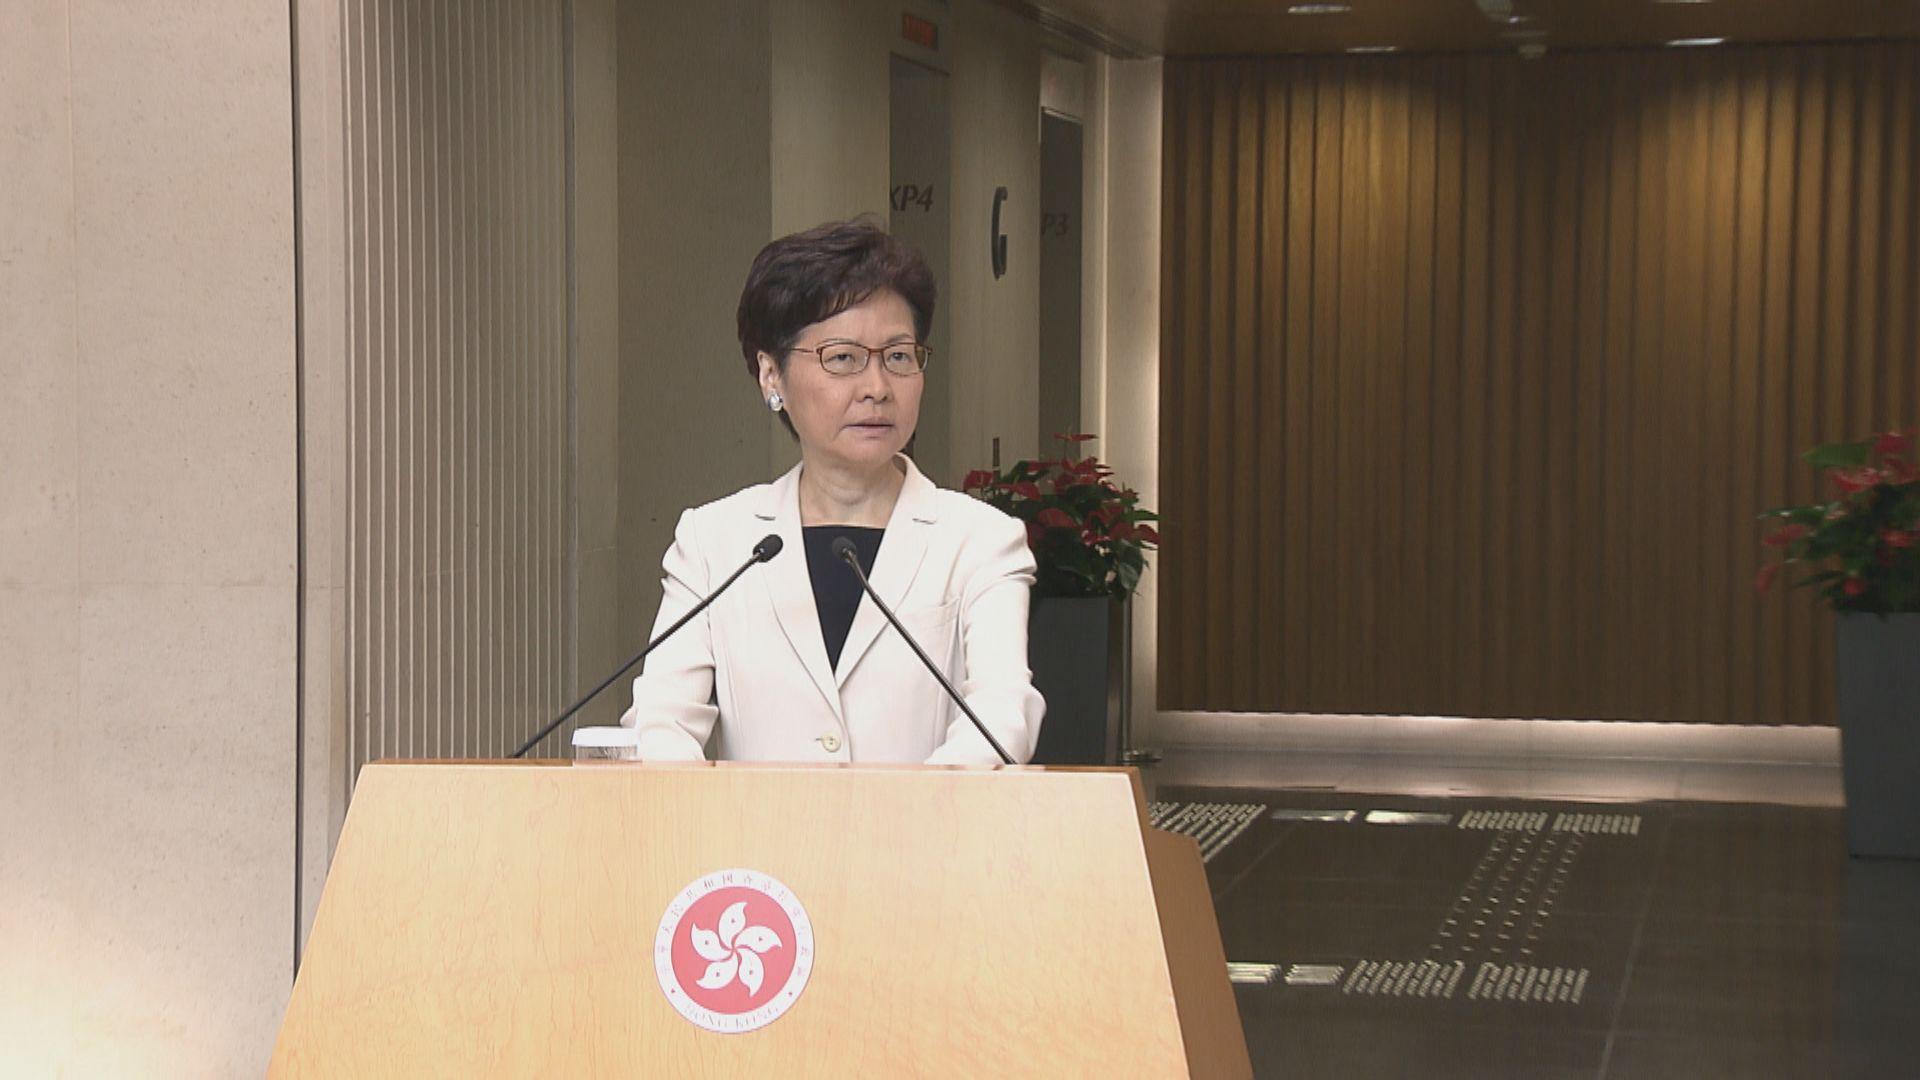 林鄭月娥︰近月示威活動有個別公務員被捕